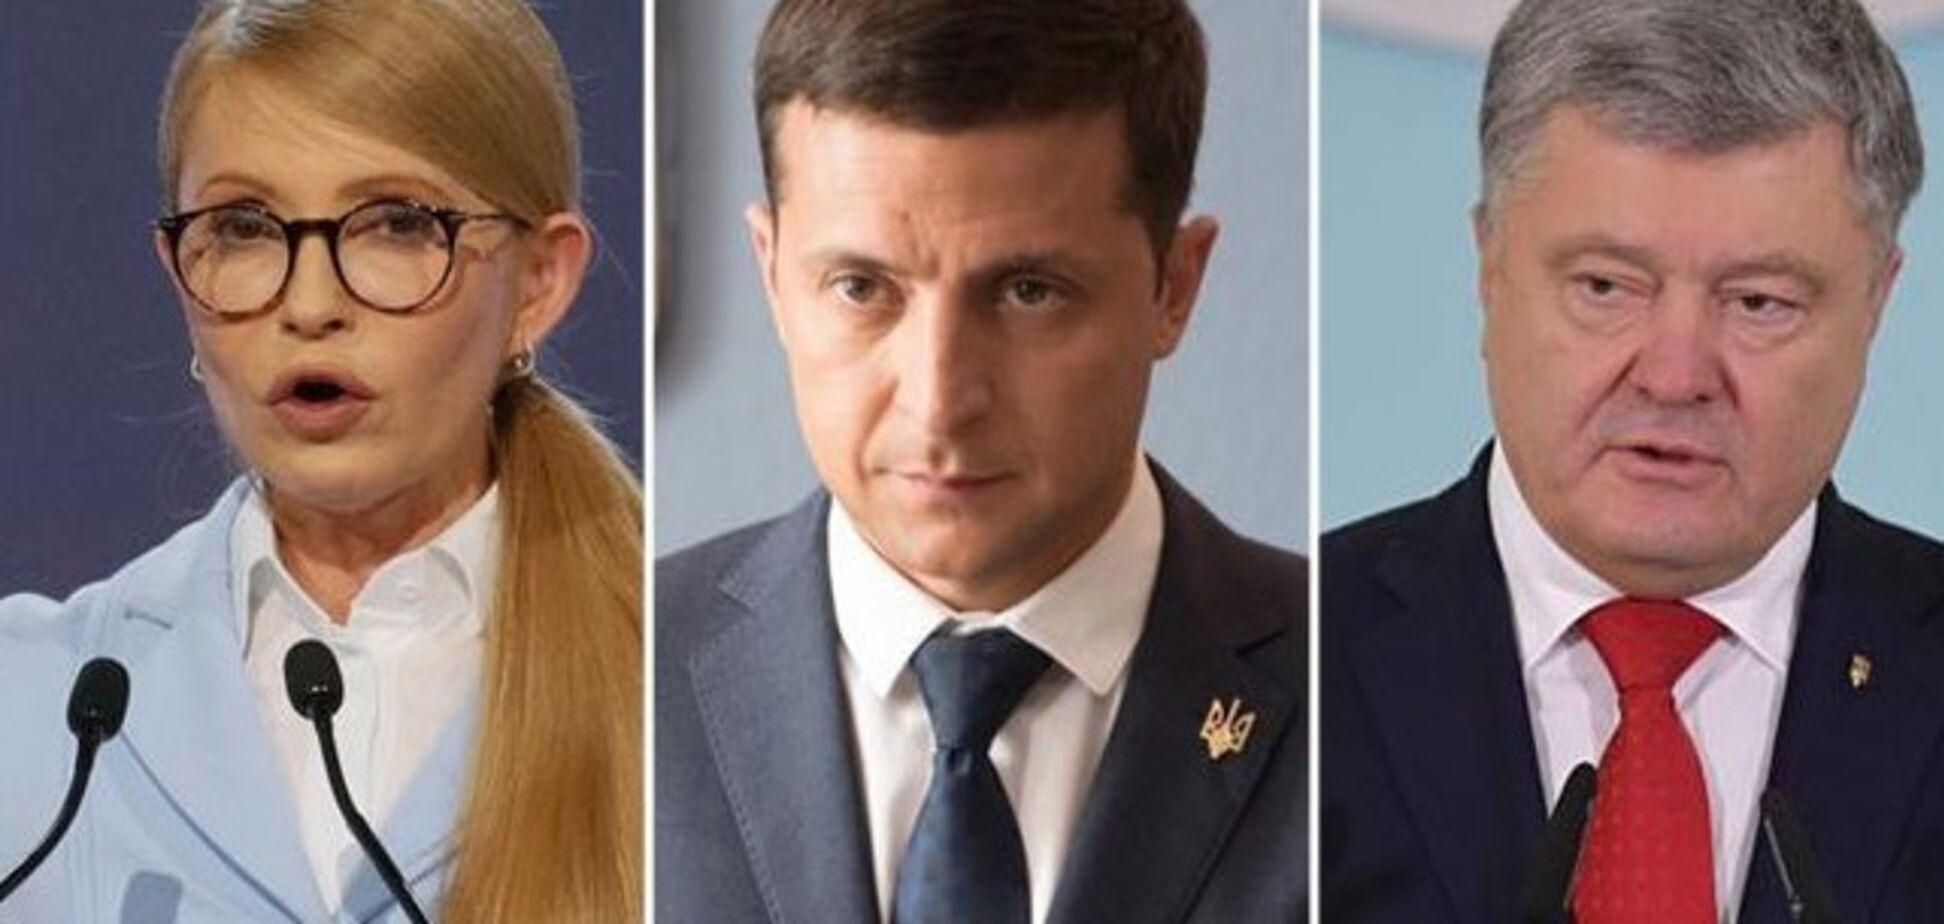 Посты за $50 тысяч: как кандидаты в президенты Украины рекламируются в Facebook